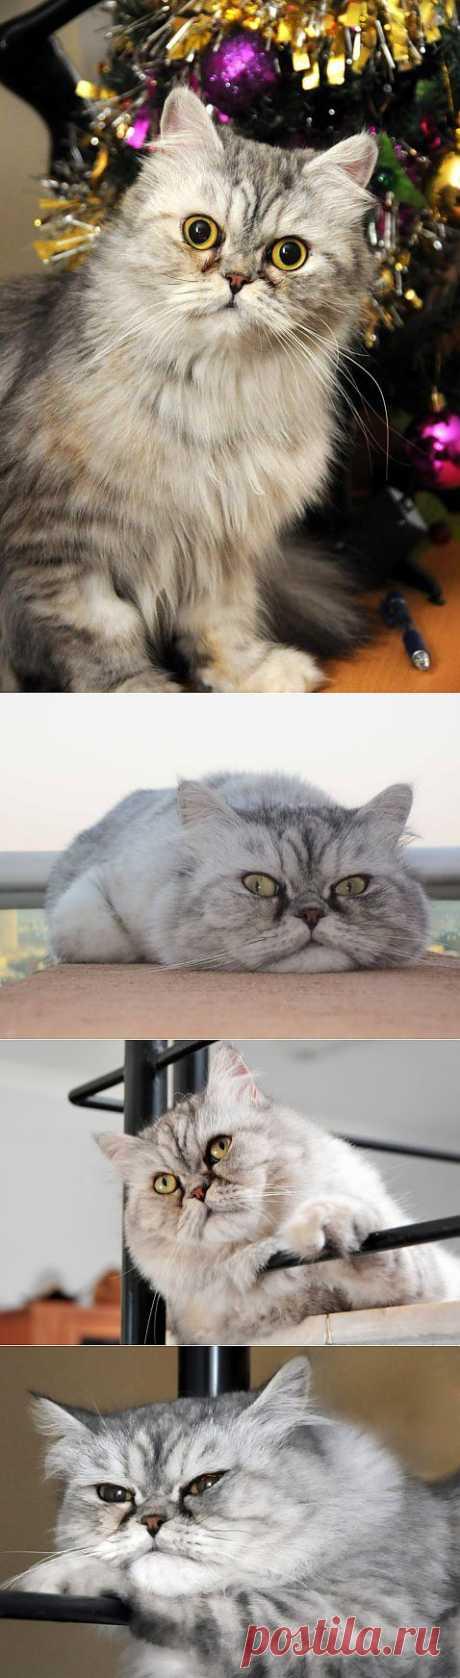 Наша персидская кошка- Кисун. | ПИТОМЦЫ